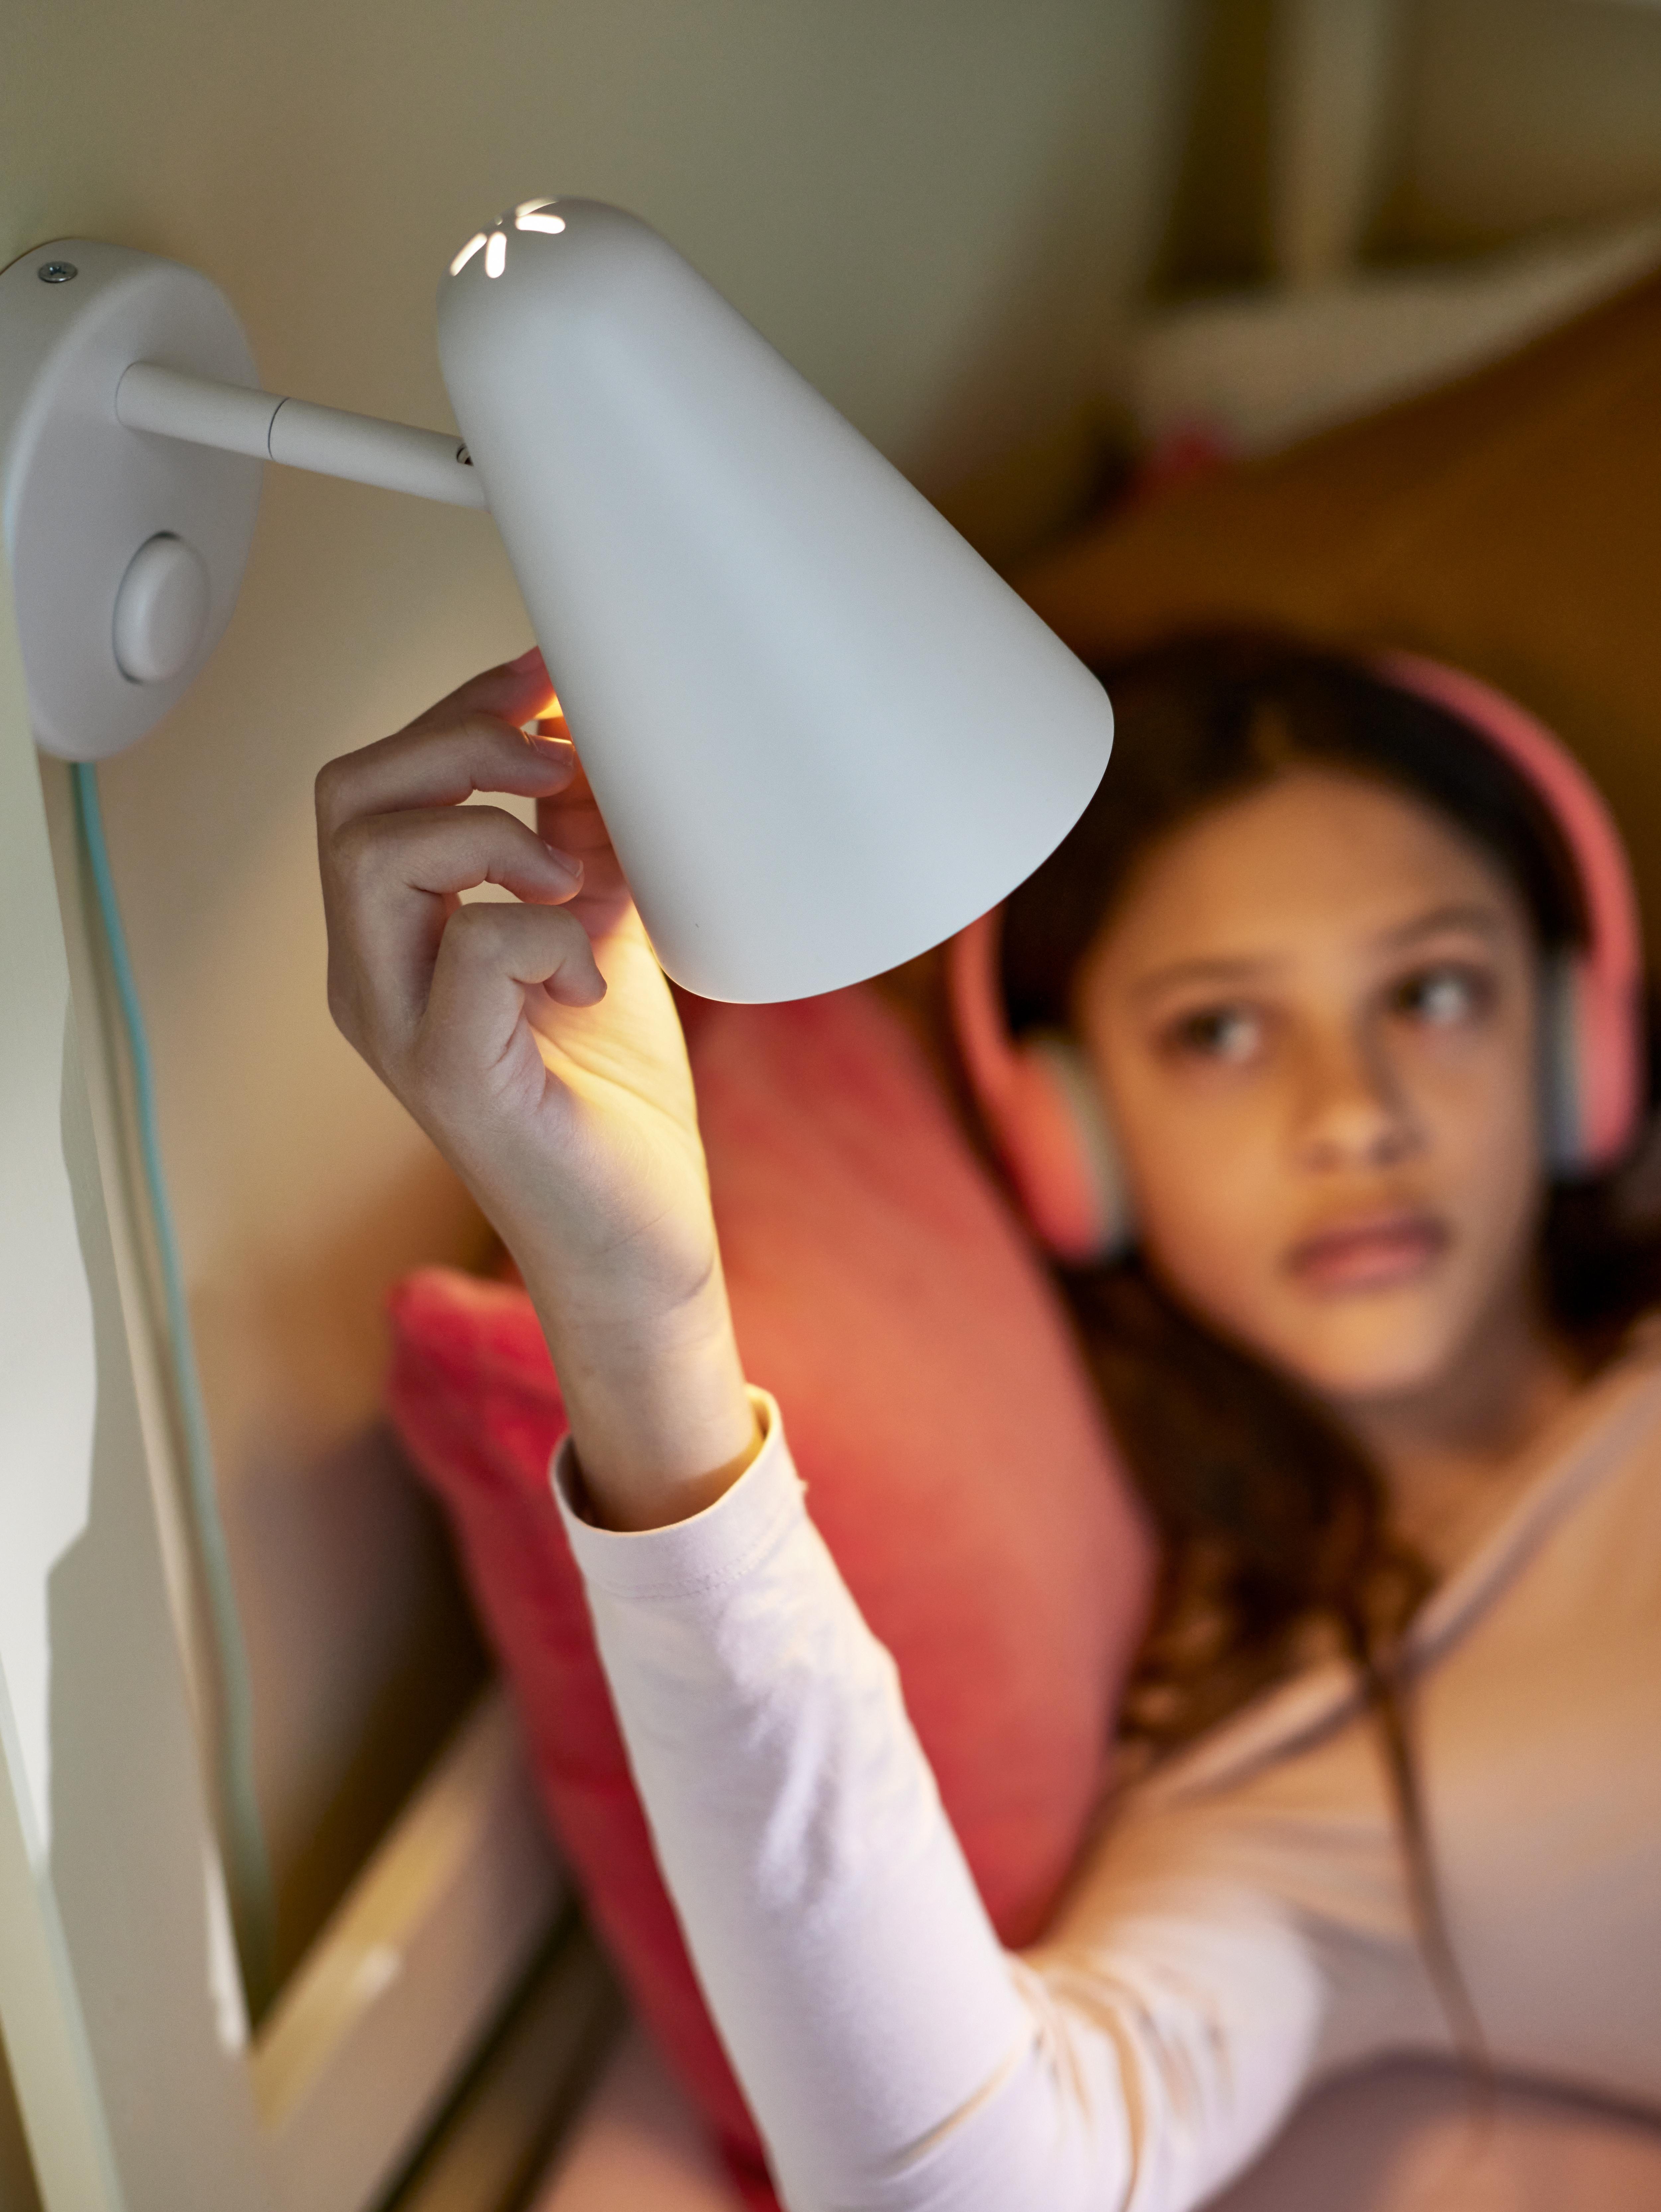 Entzungailu arrosak dituen neska bat kuxin arrosaren gainean etzanda FUBBLA LED hormako lanpara zuriaren ilunpea jartzen.